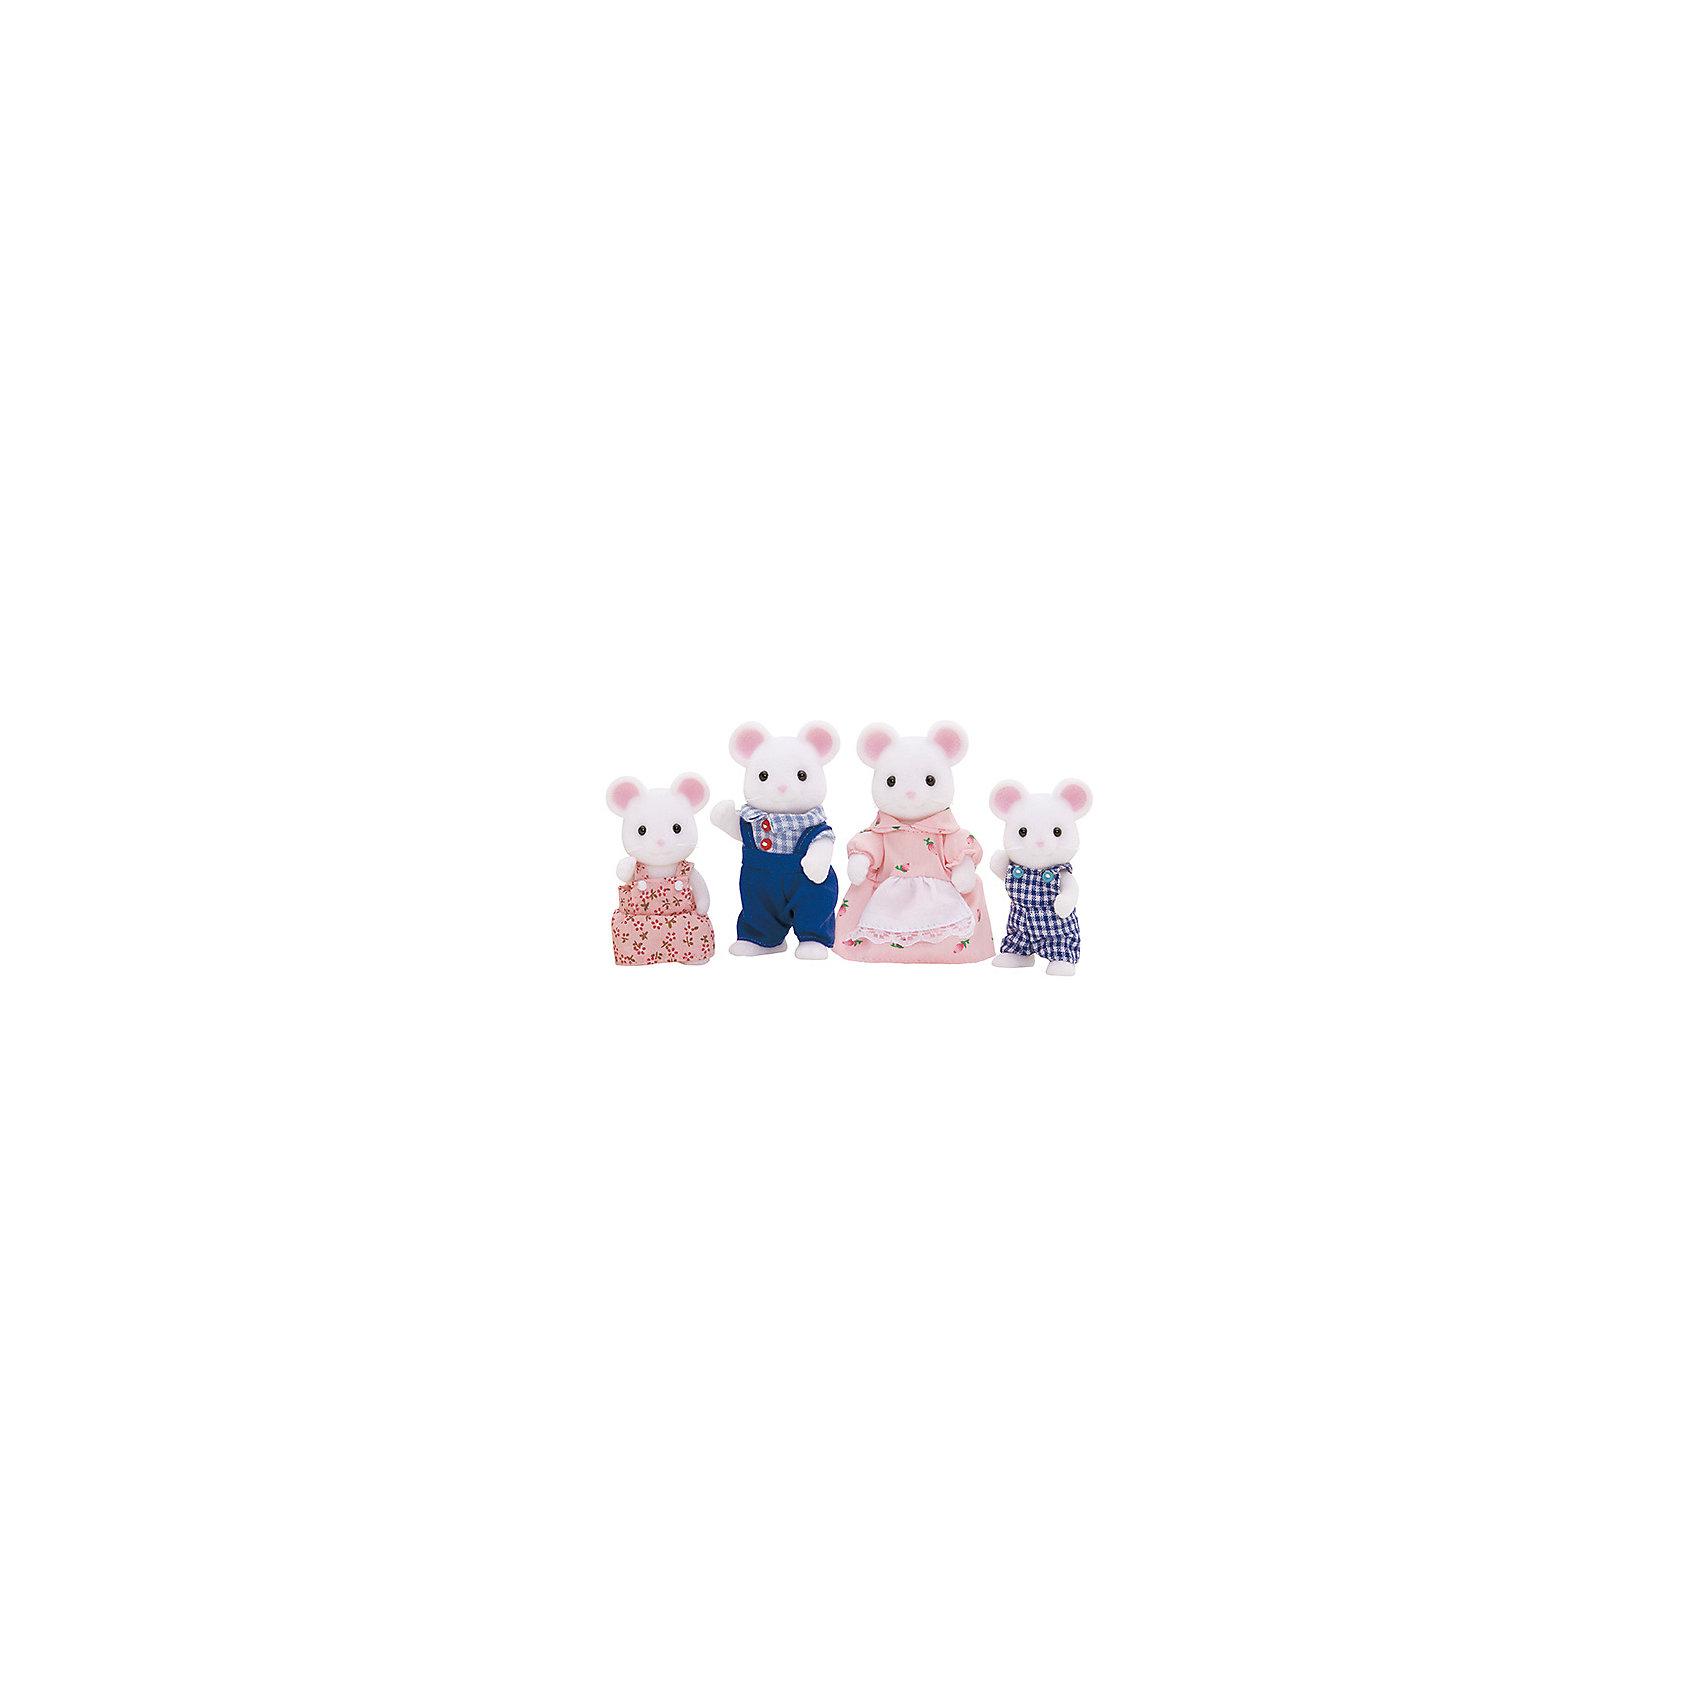 Набор Семья Белых Мышей Sylvanian FamiliesSylvanian Families<br>Набор Семья Белых Мышей Sylvanian Families (Сильваниан Фамилиес) состоит из четырех фигурок: мамы, папы, дочки и сына. Мама одета в платьице и белый передник, папа-в клетчатую рубашку и комбинезон. Дочка носит розовый сарафанчик, а сынишка полукомбинезон. <br>И дети, и родители будут очарованы этими милыми игрушками. За счет мягких бархатистых материалов их очень приятно держать  в руках. Голова, ручки и ножки у фигурок двигаются, у мышек есть усы и хвостики.<br><br>Дополнительная информация:<br>Высота фигурок:<br>Родители - 8 см<br>Дети - 6 см<br>Размер упаковки: 5,5 *20 *18 см<br>Материал: текстиль, ПВХ с полимерным наполнением, пластмасса.<br><br>Ширина мм: 203<br>Глубина мм: 169<br>Высота мм: 61<br>Вес г: 137<br>Возраст от месяцев: 36<br>Возраст до месяцев: 72<br>Пол: Женский<br>Возраст: Детский<br>SKU: 2458902